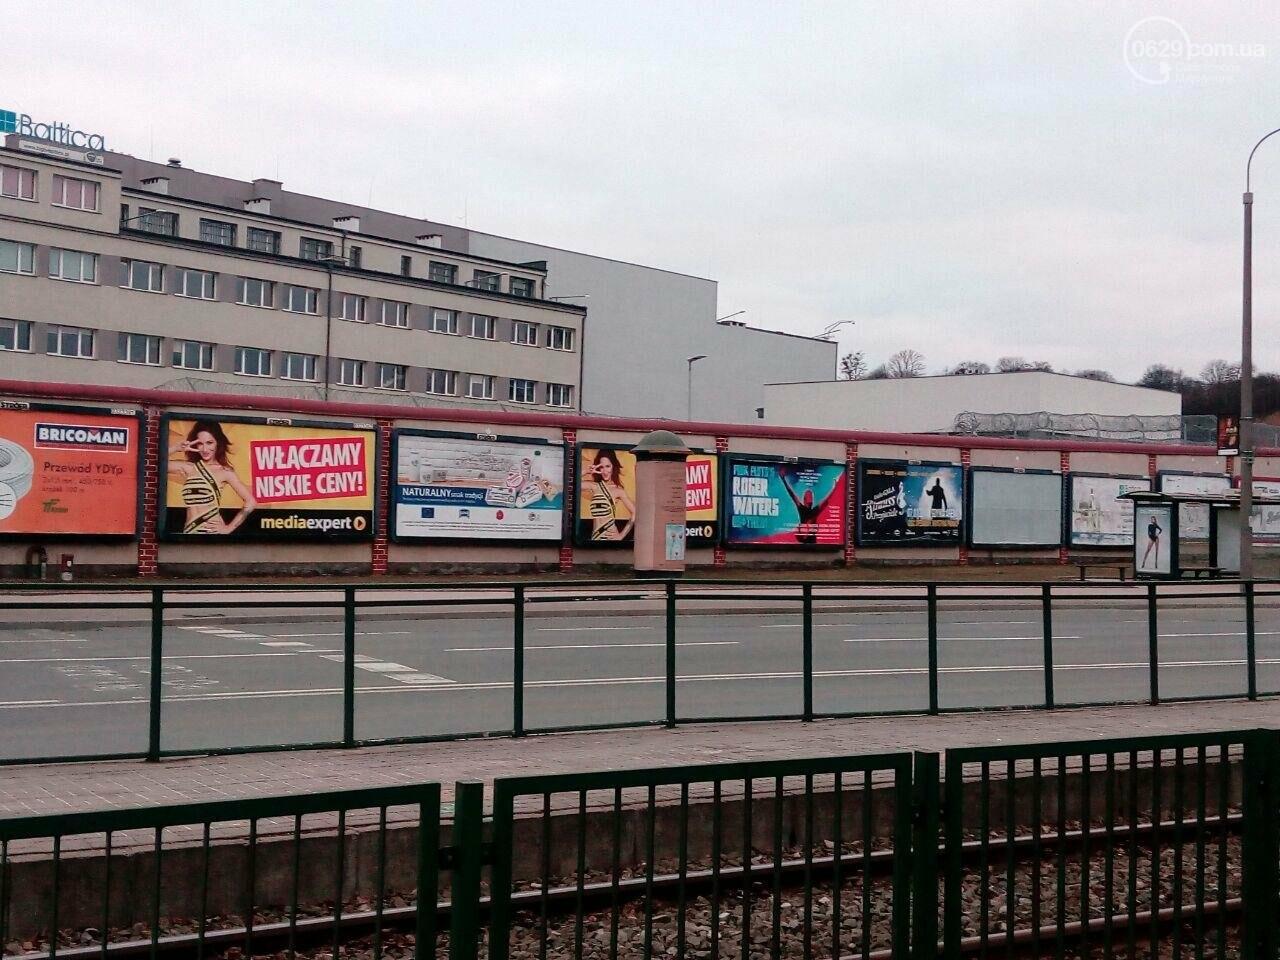 Ревитализация по-гданьски: что можно сделать с Верхними Аджахами, и какой могла бы стать ул. Торговая в Мариуполе, фото-4